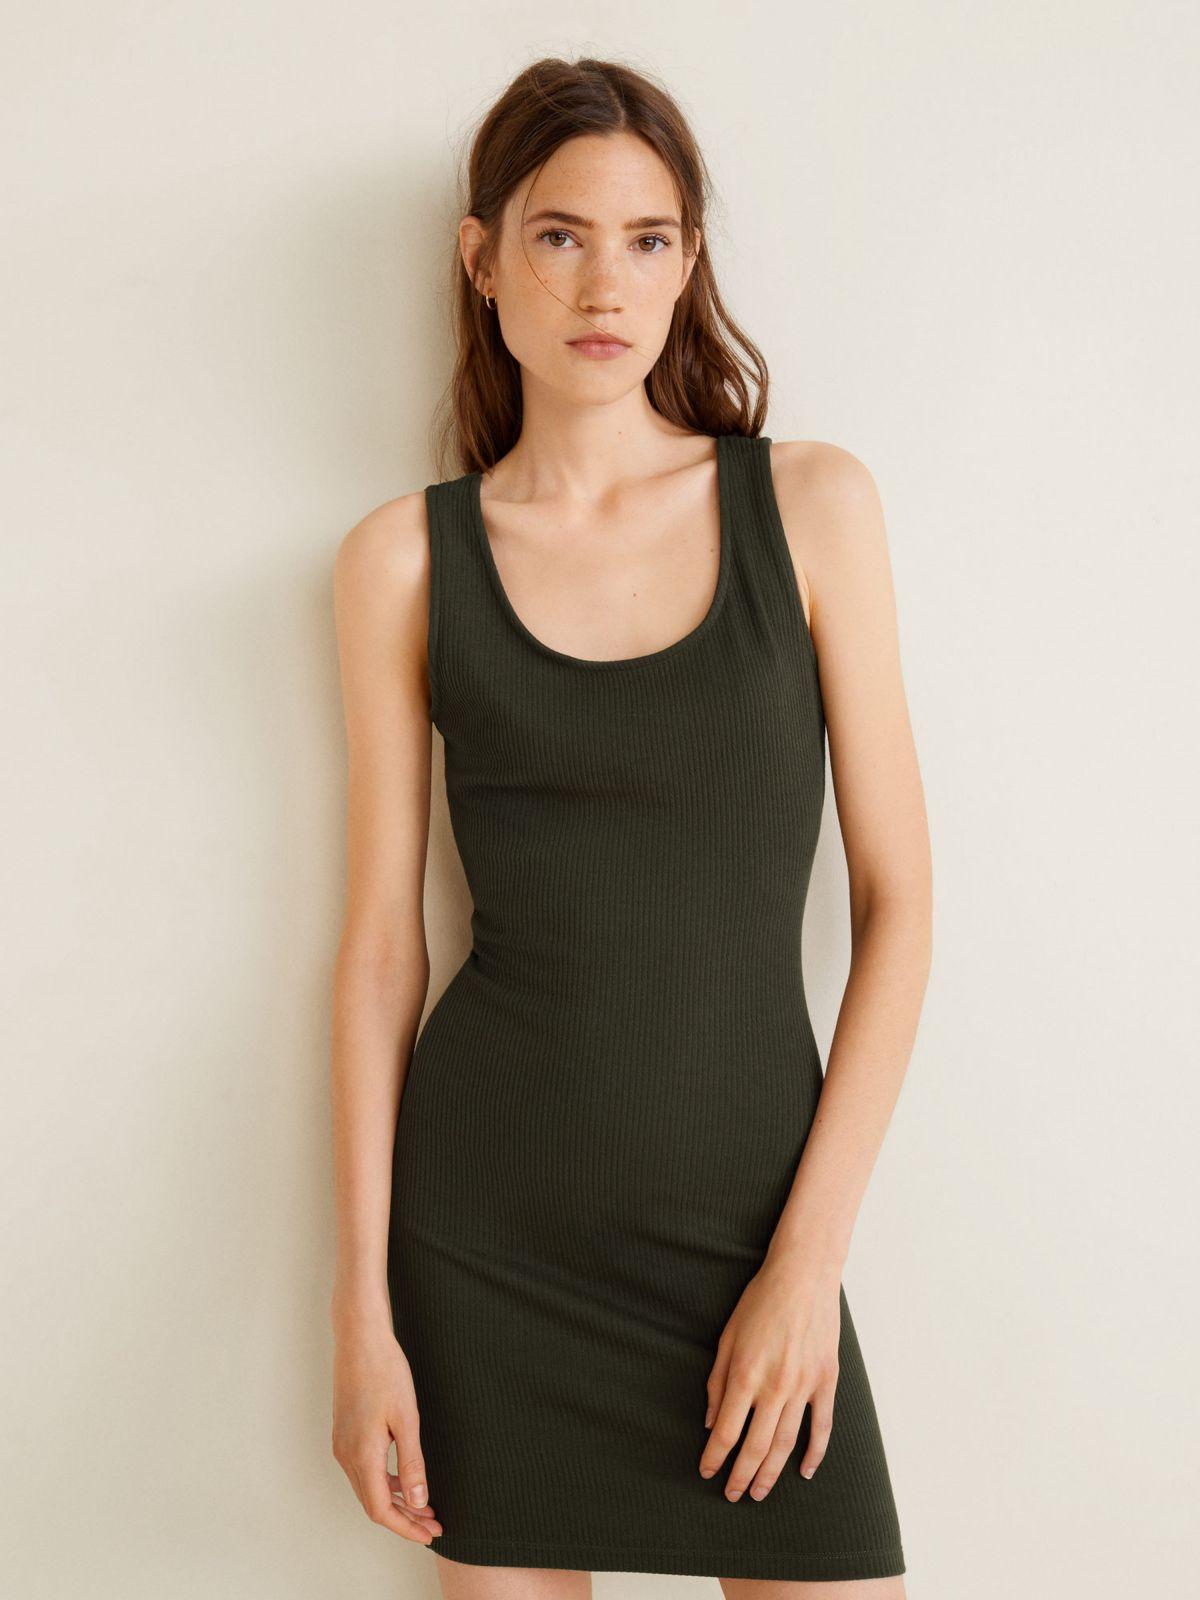 שמלת ריב מיני עם איקס ופתח בגבשמלת ריב מיני עם איקס ופתח בגב של MANGO